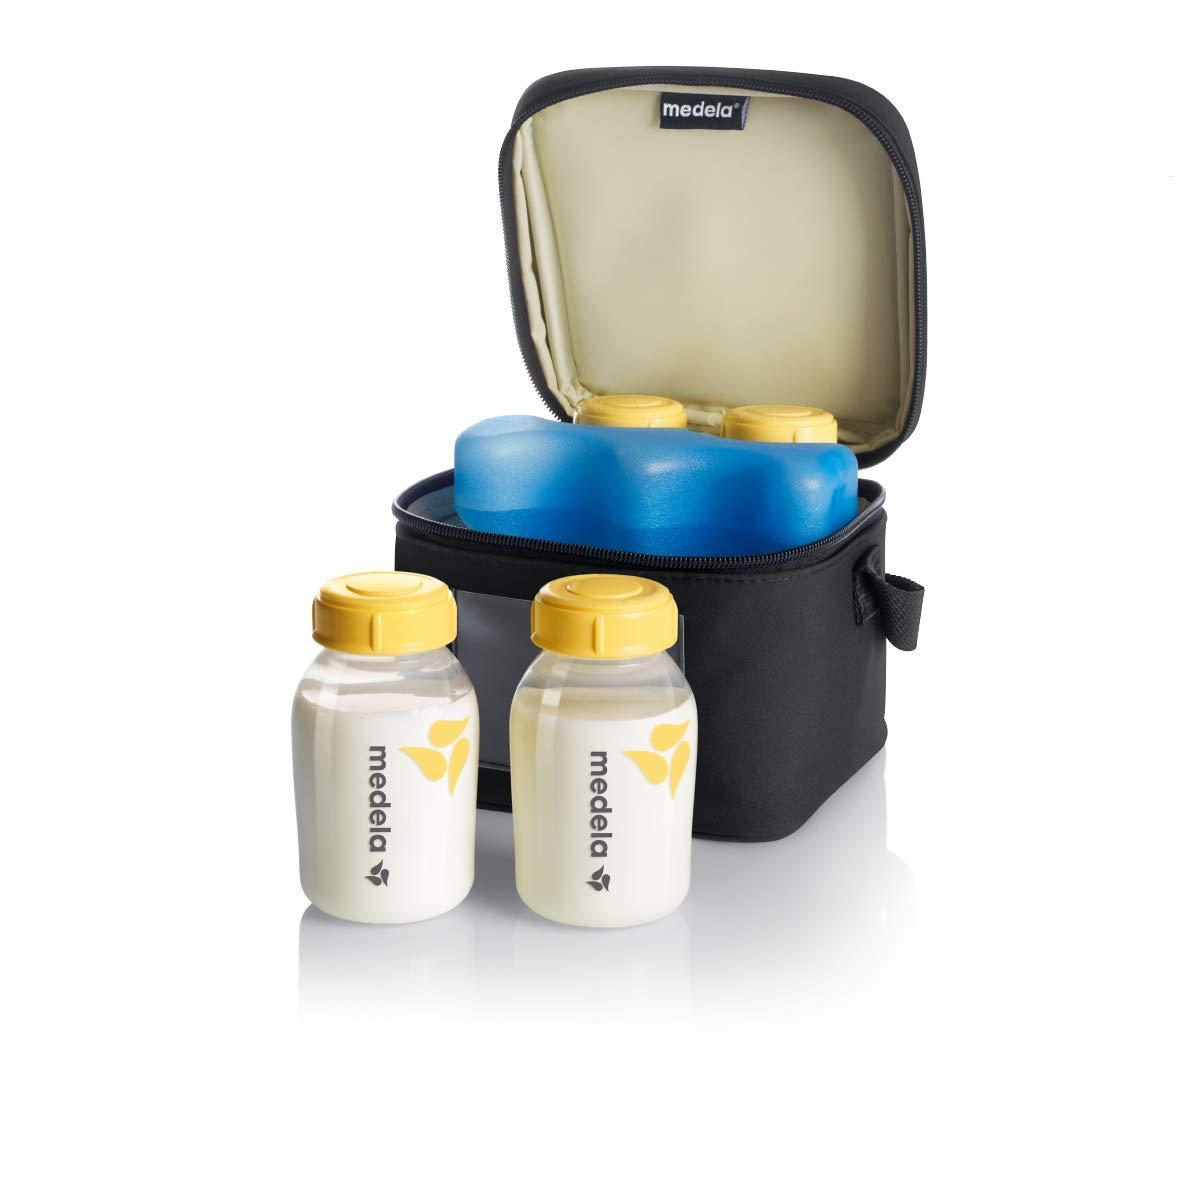 Medela Popular product Breast Milk Cooler and Dedication Transport Set 5 wit Bottles ounce